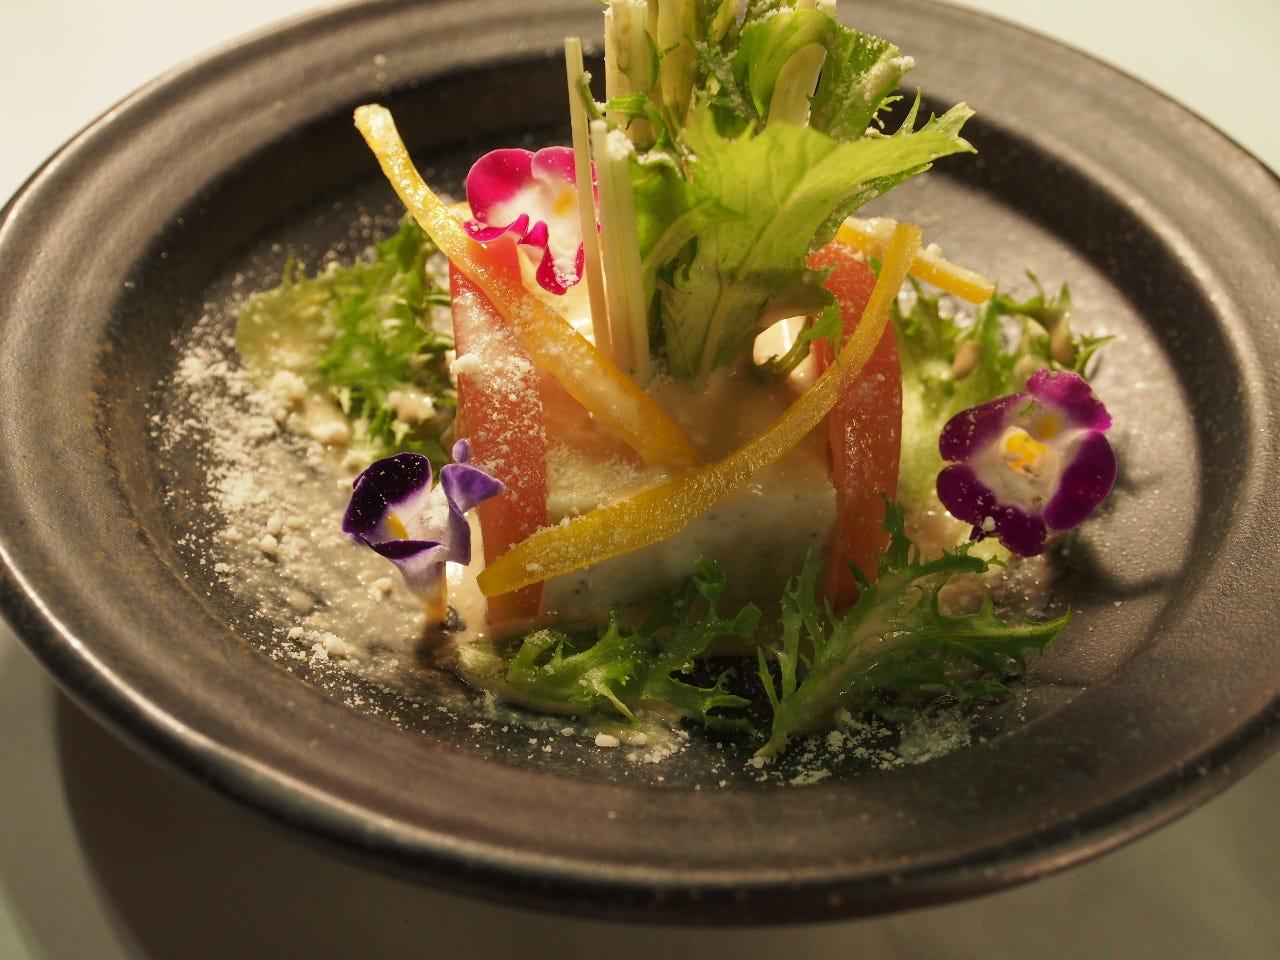 ちちぶ食べものがたり 参加の一品蕎麦豆腐のサラダ ノンオイル